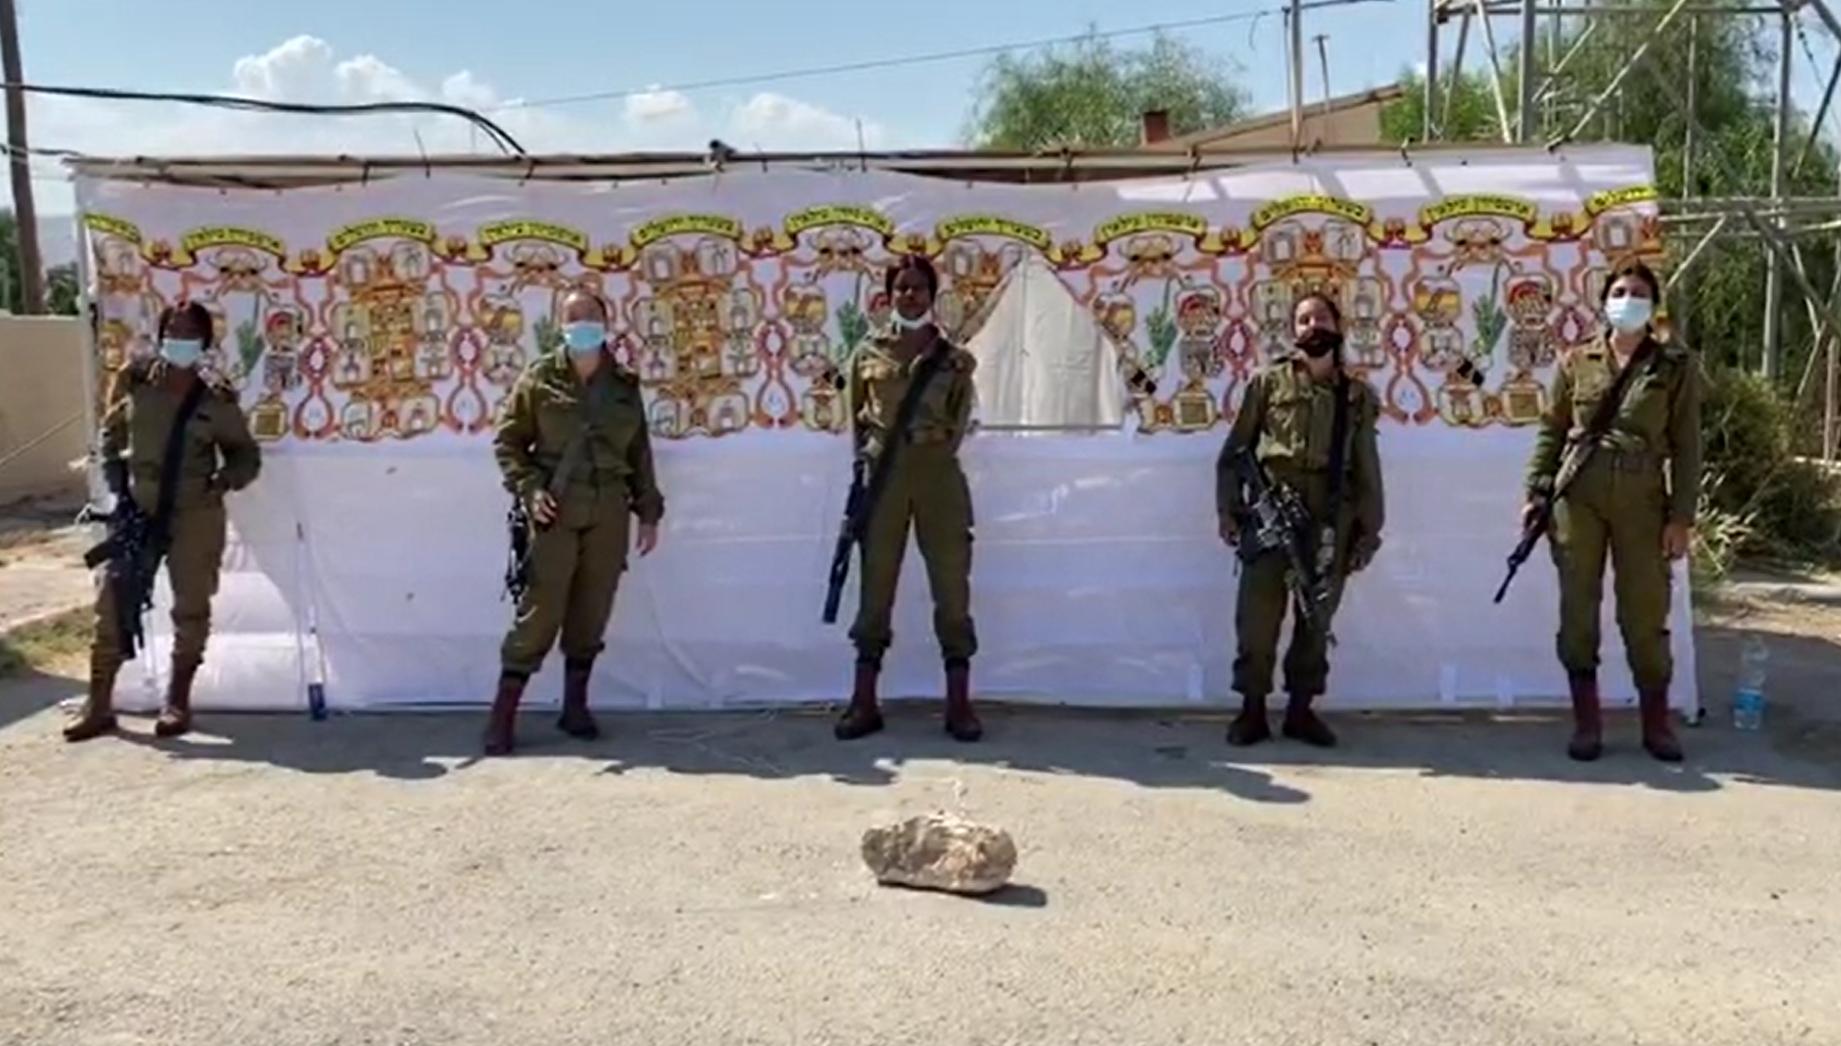 בחטמ״ר הבקעה והעמקים מאחלים: ״חג סוכות שמח לכל עם ישראל״   צפו